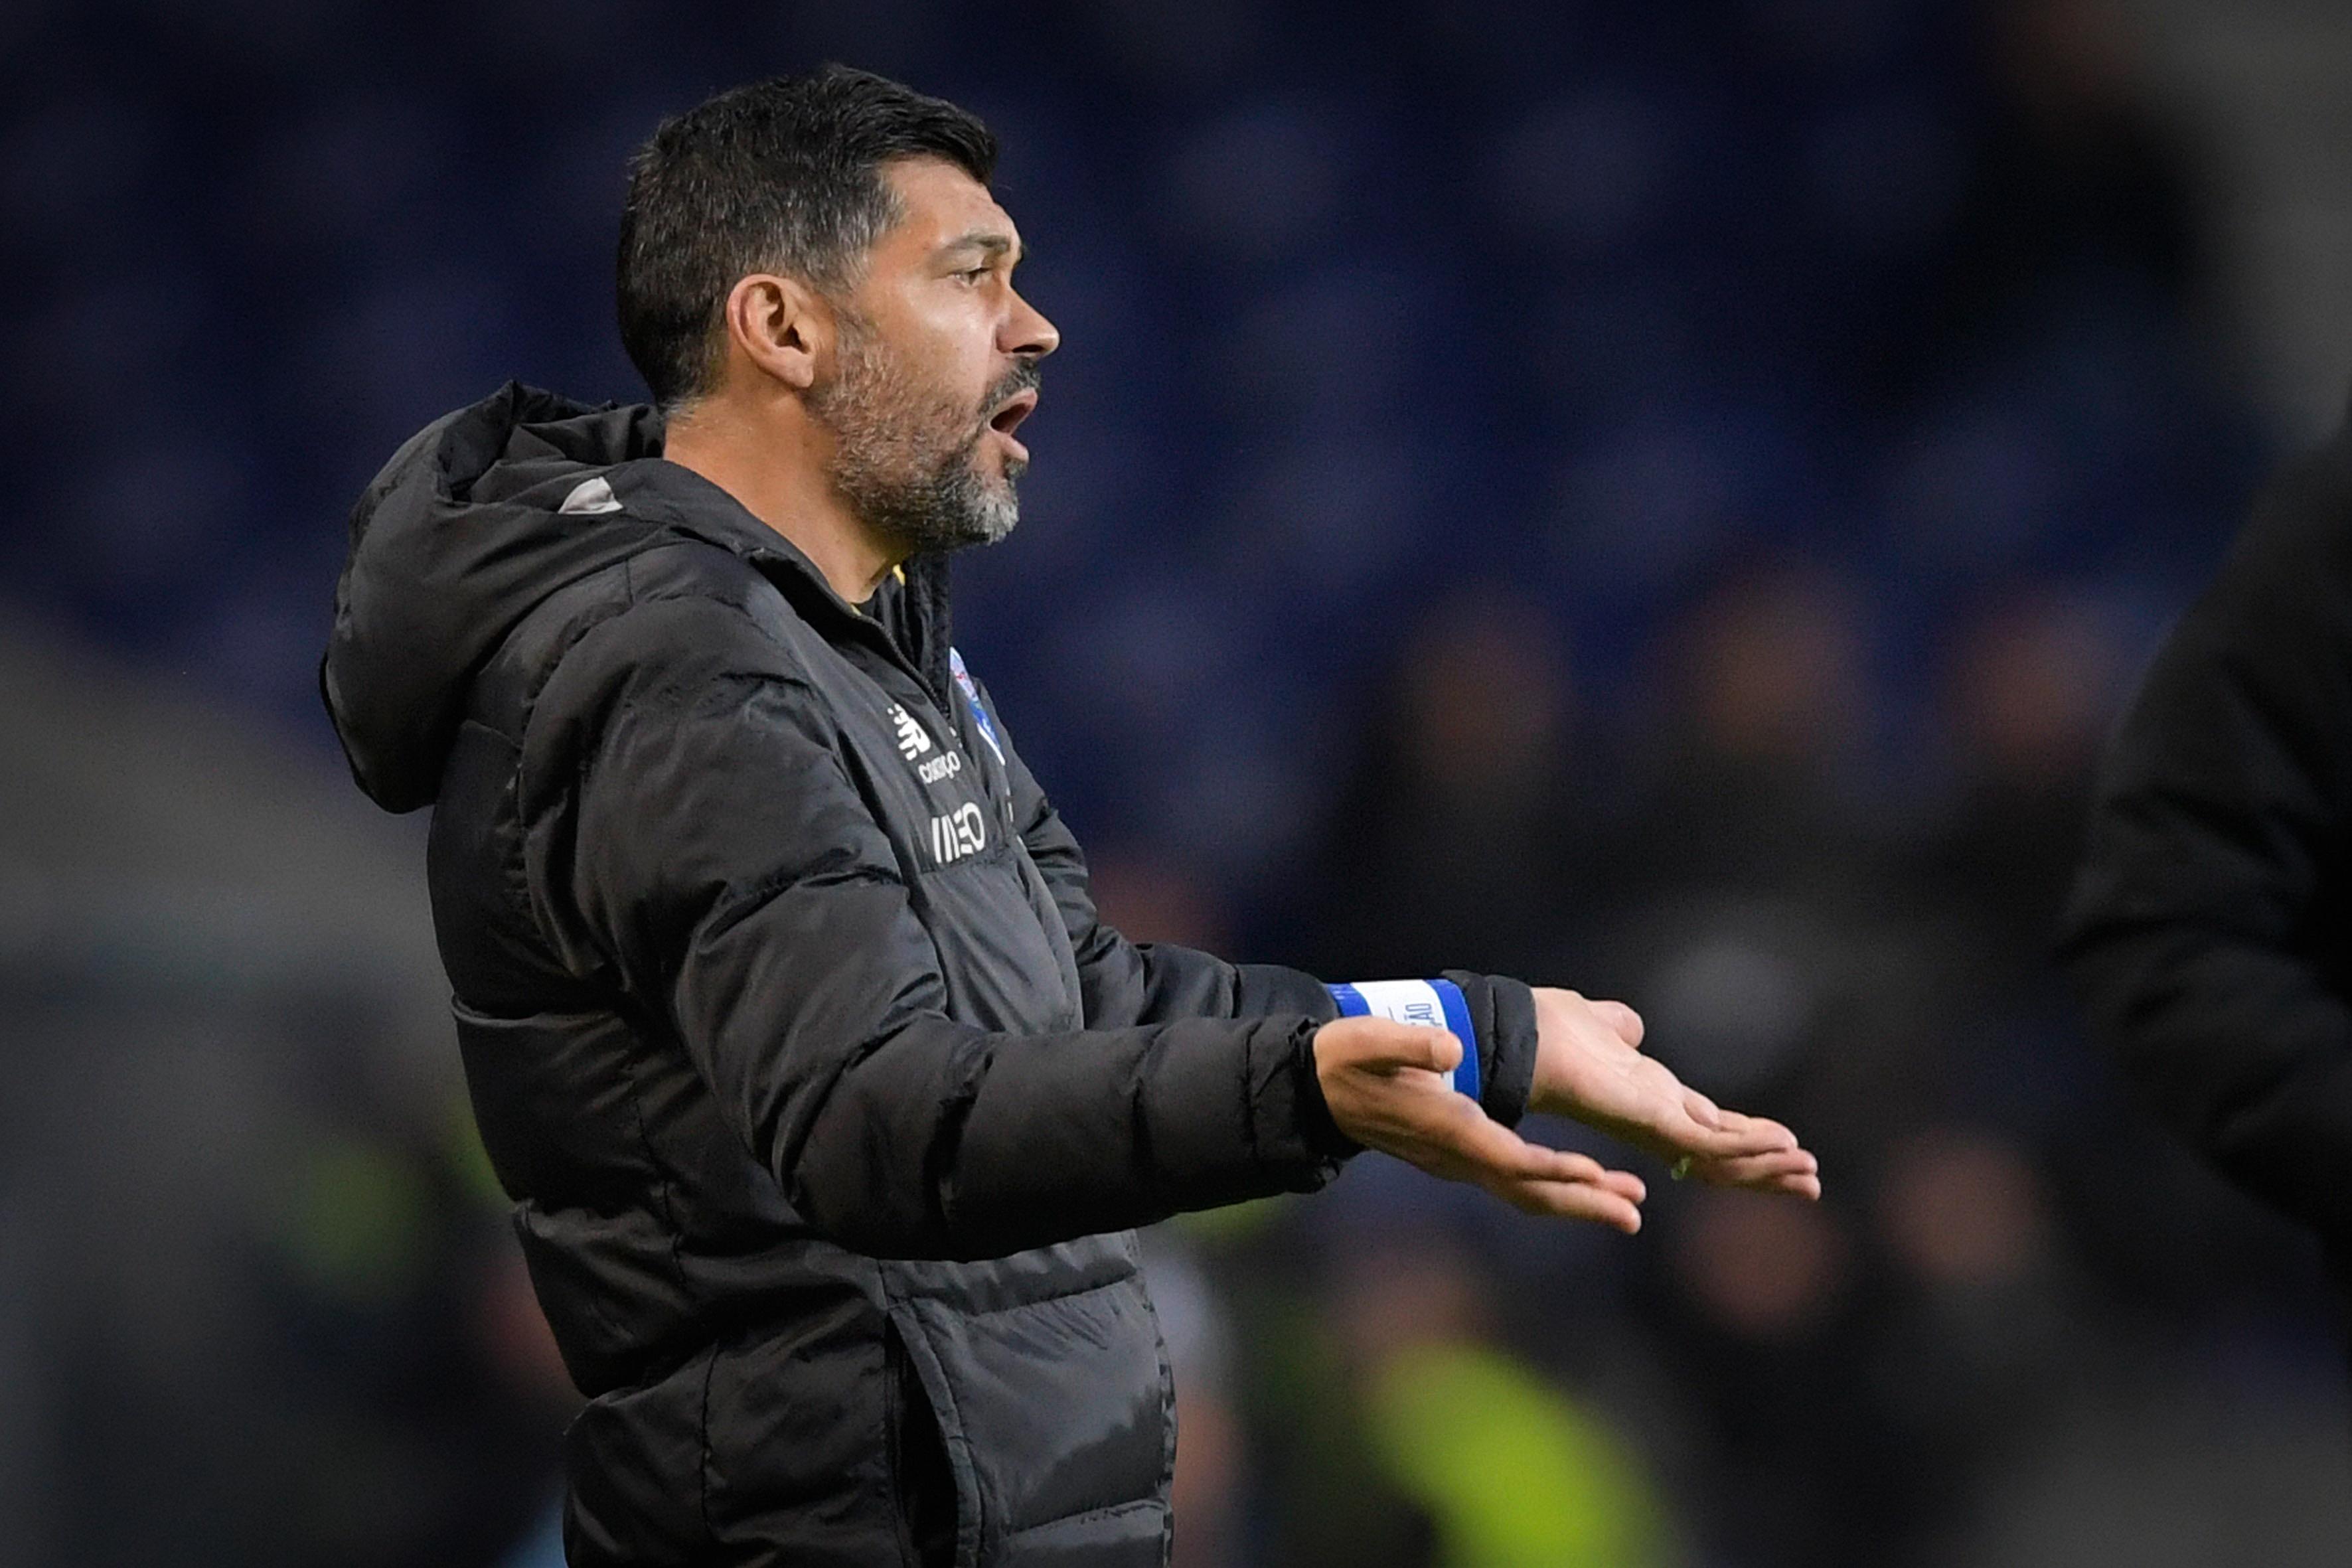 Sérgio Conceição prevê dificuldades apesar de situação do Portimonense na Liga